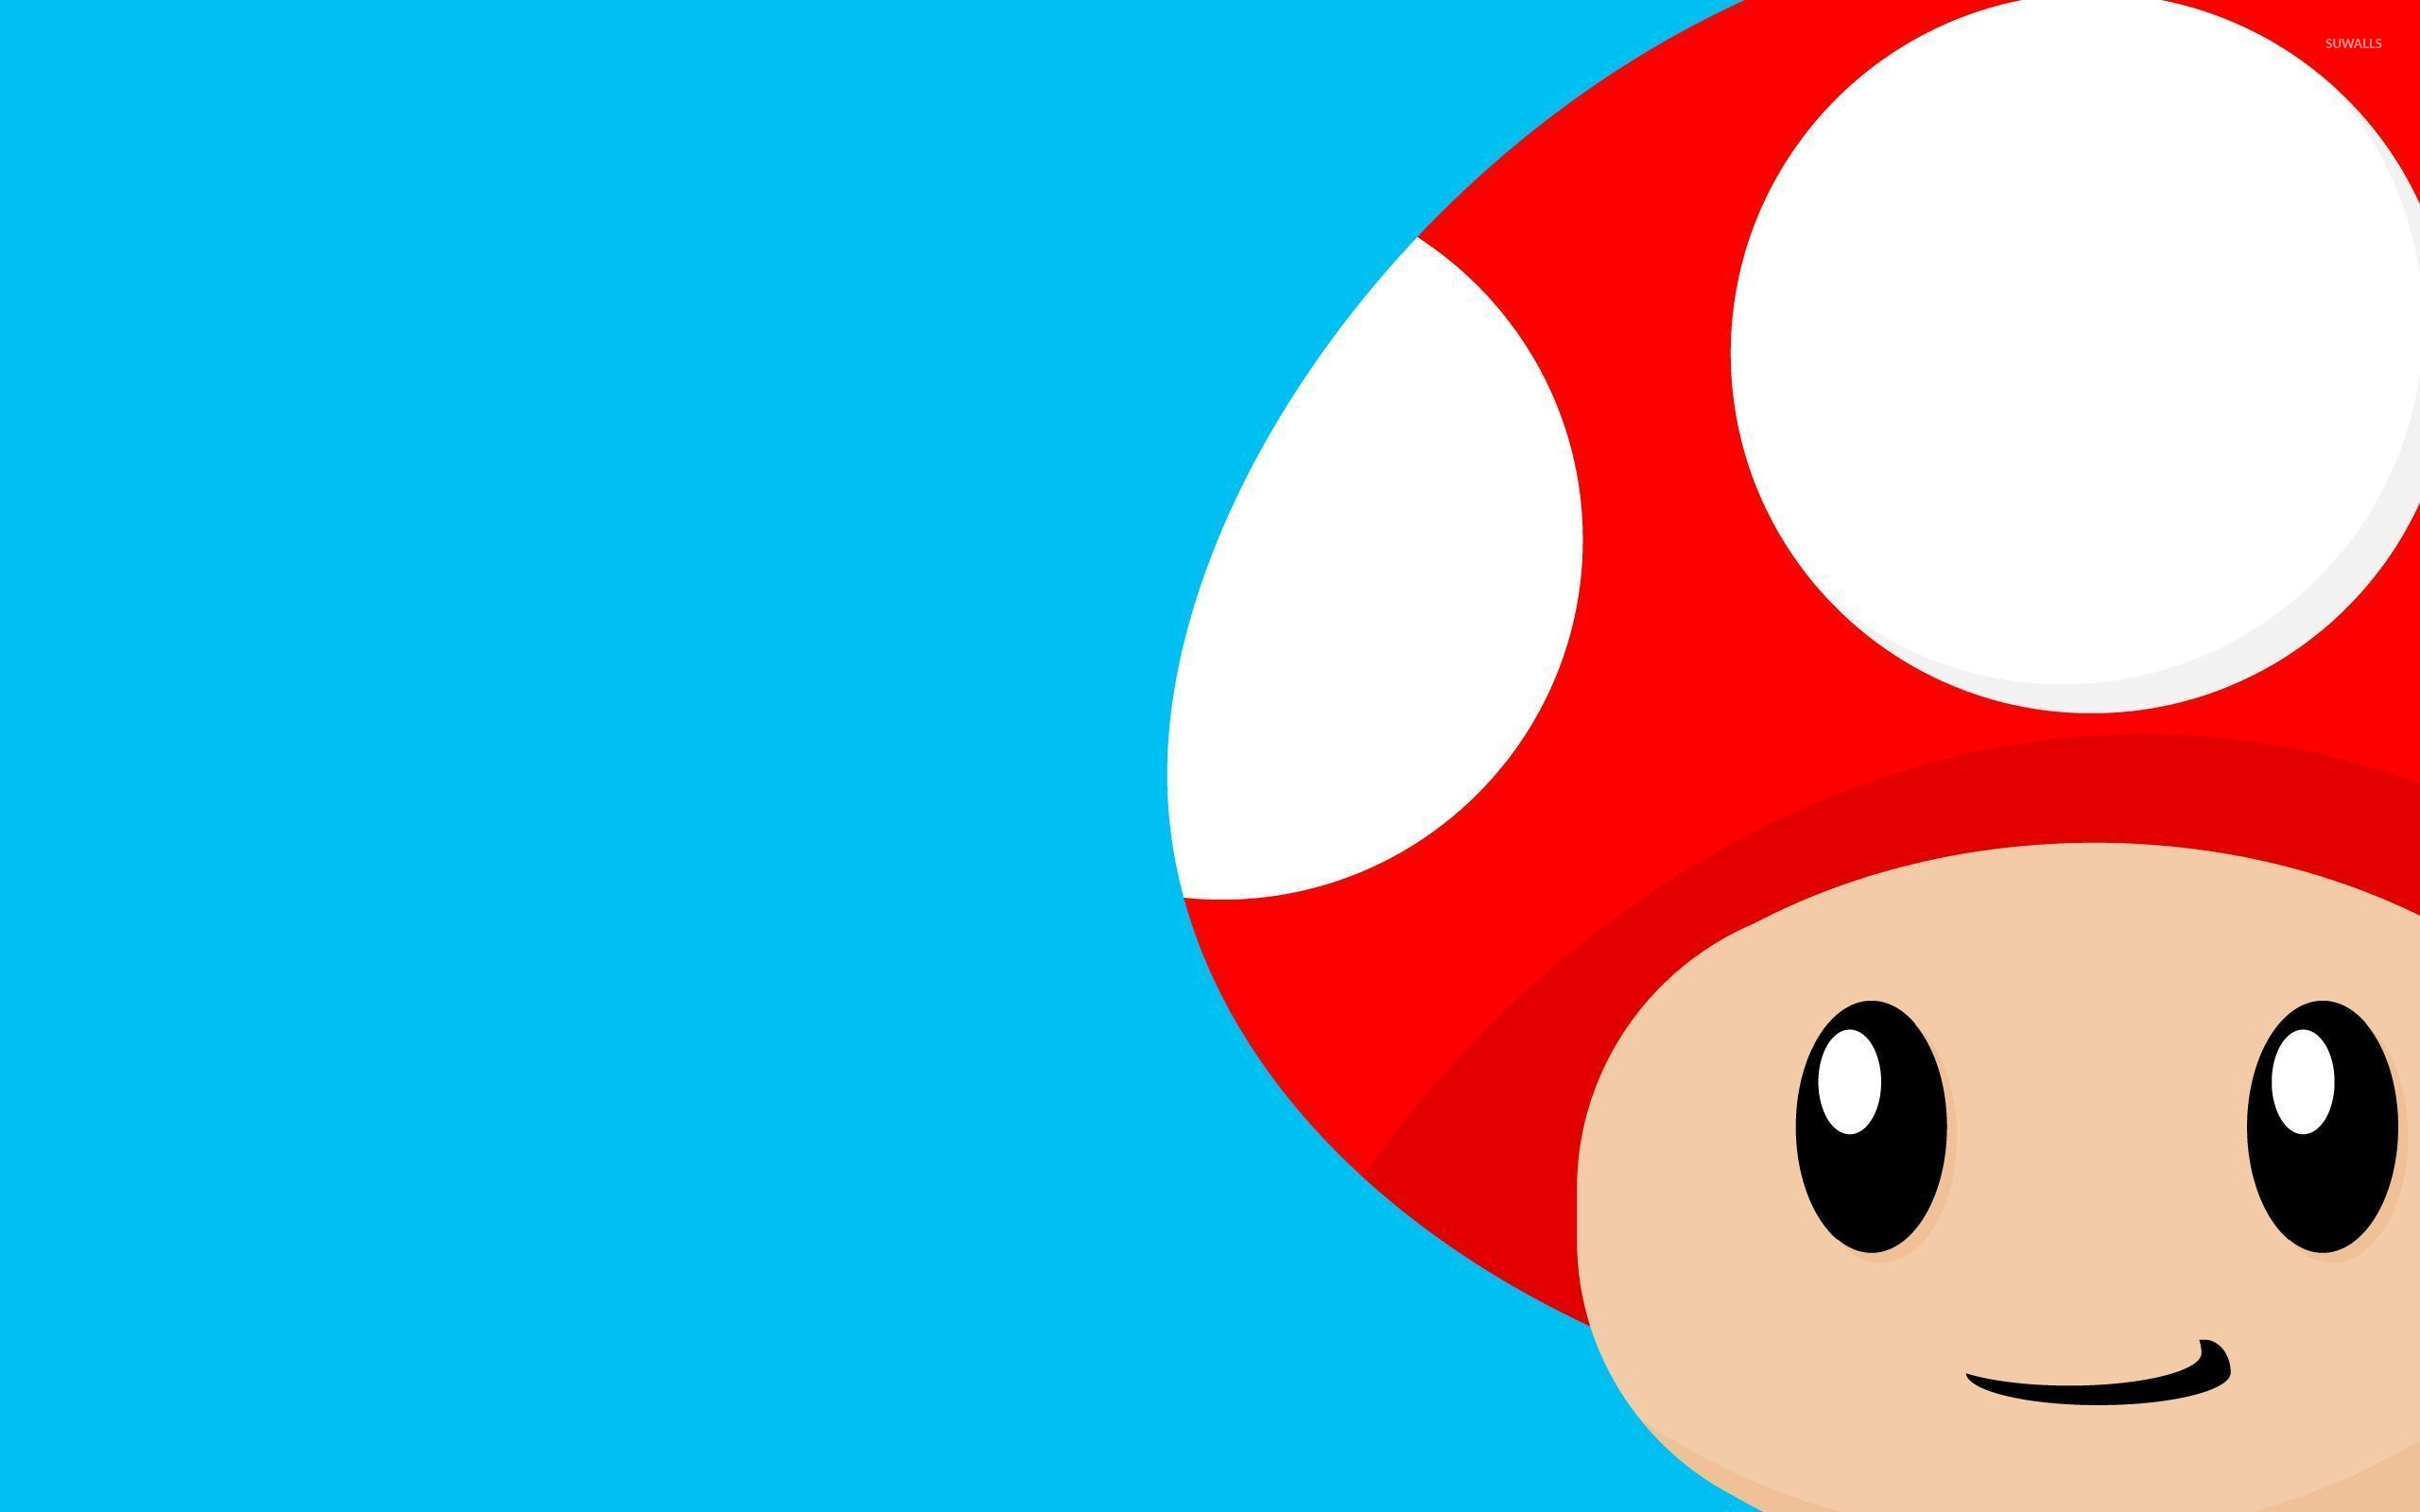 Mario Mushroom 2 Wallpaper